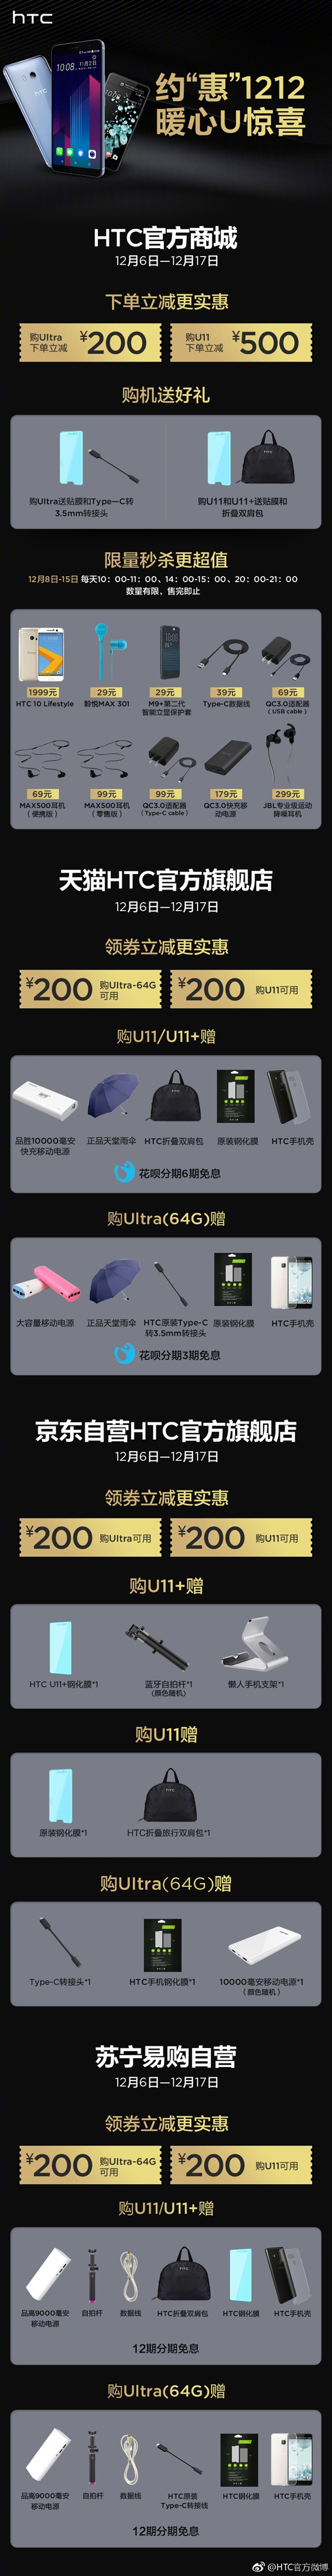 骁龙835+全面屏!HTC U11+官方直降100元:4899元